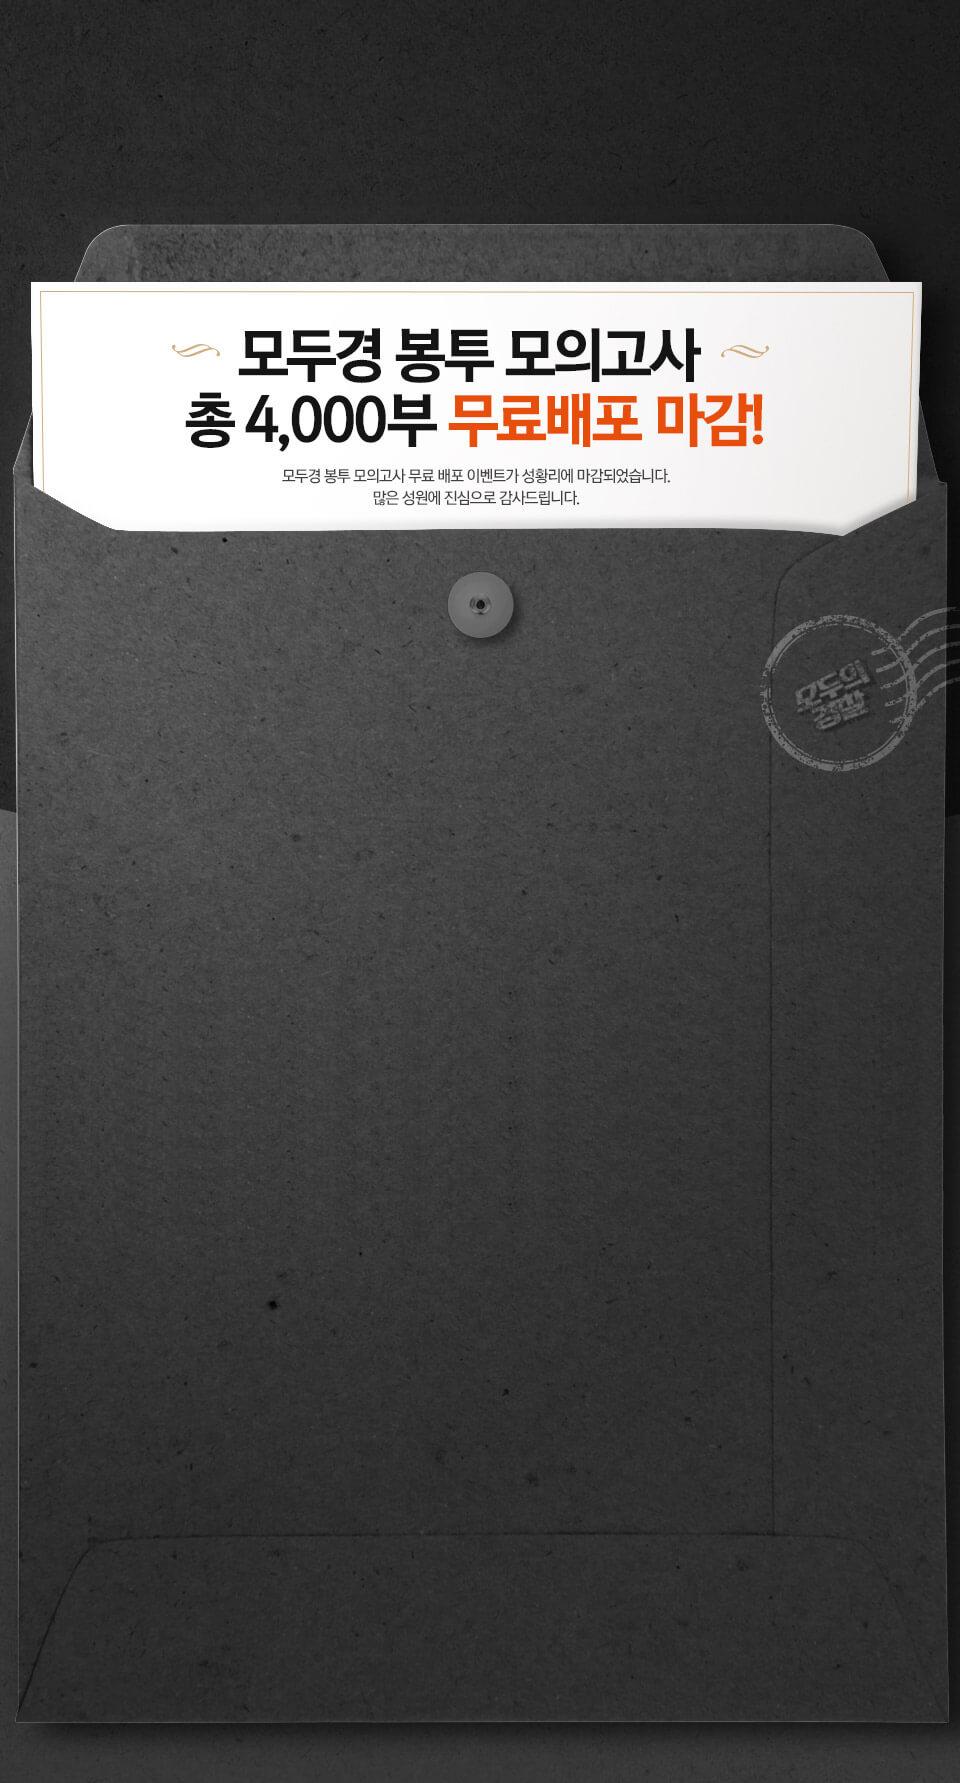 모두경 봉투 모의고사 총 4,000부 무료배포 마감!